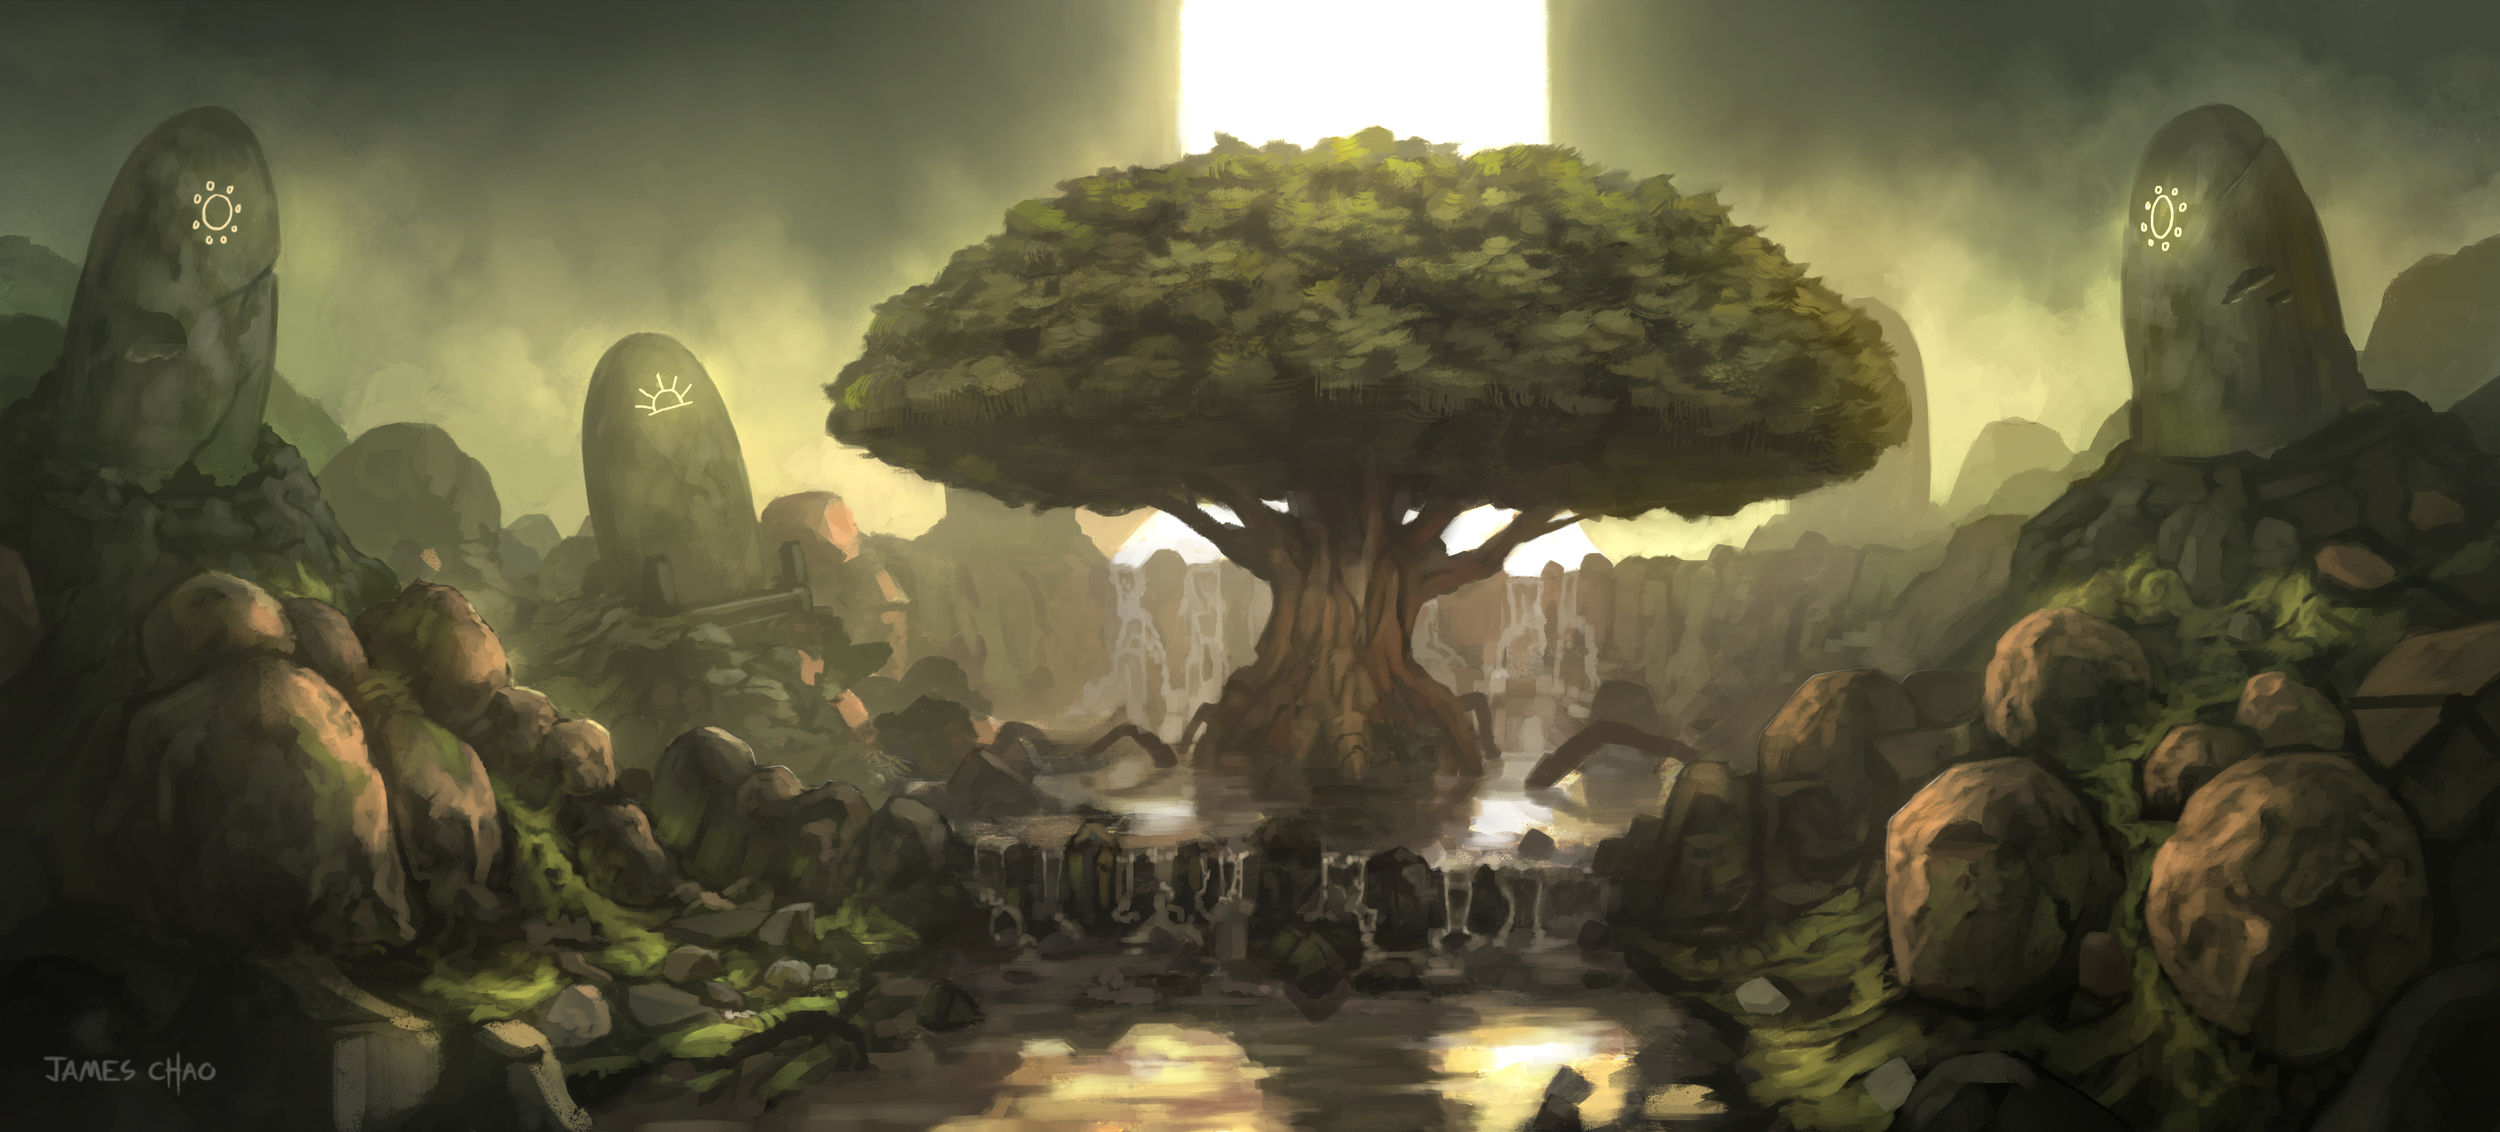 James_Chao_Forgotten_Tree